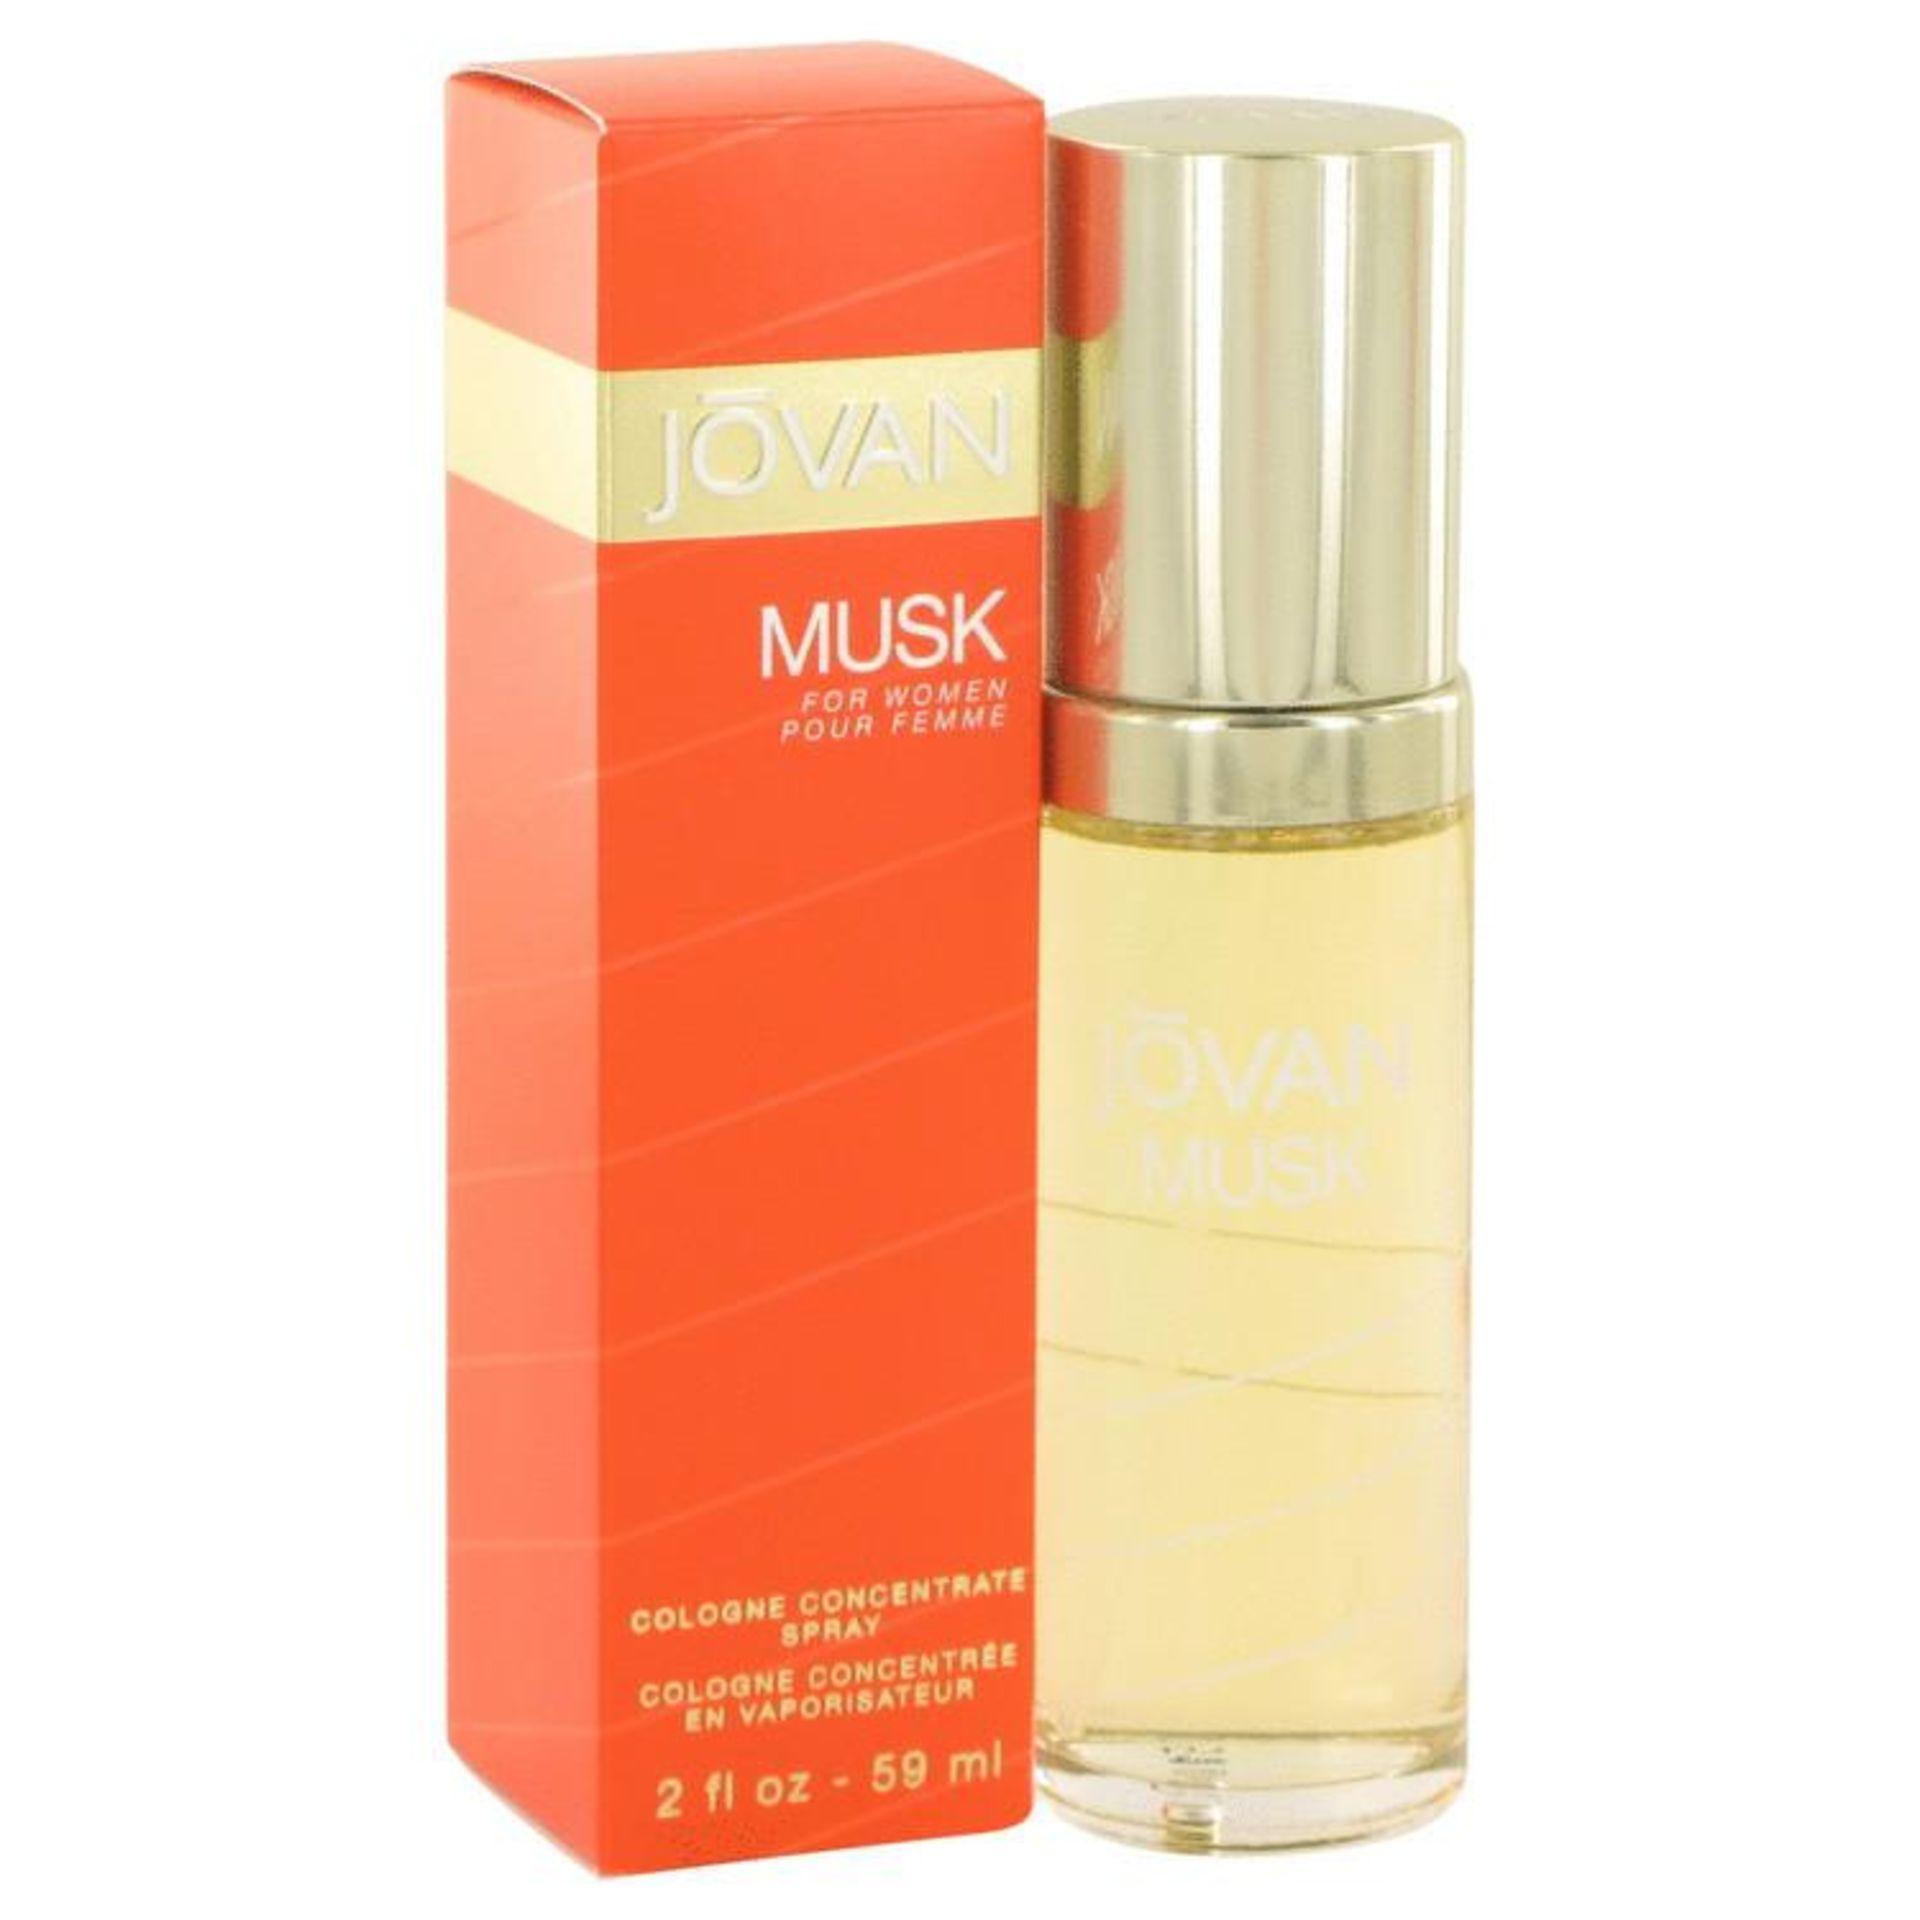 + VAT Brand New Jovan Musk 59ml Cologne Spray